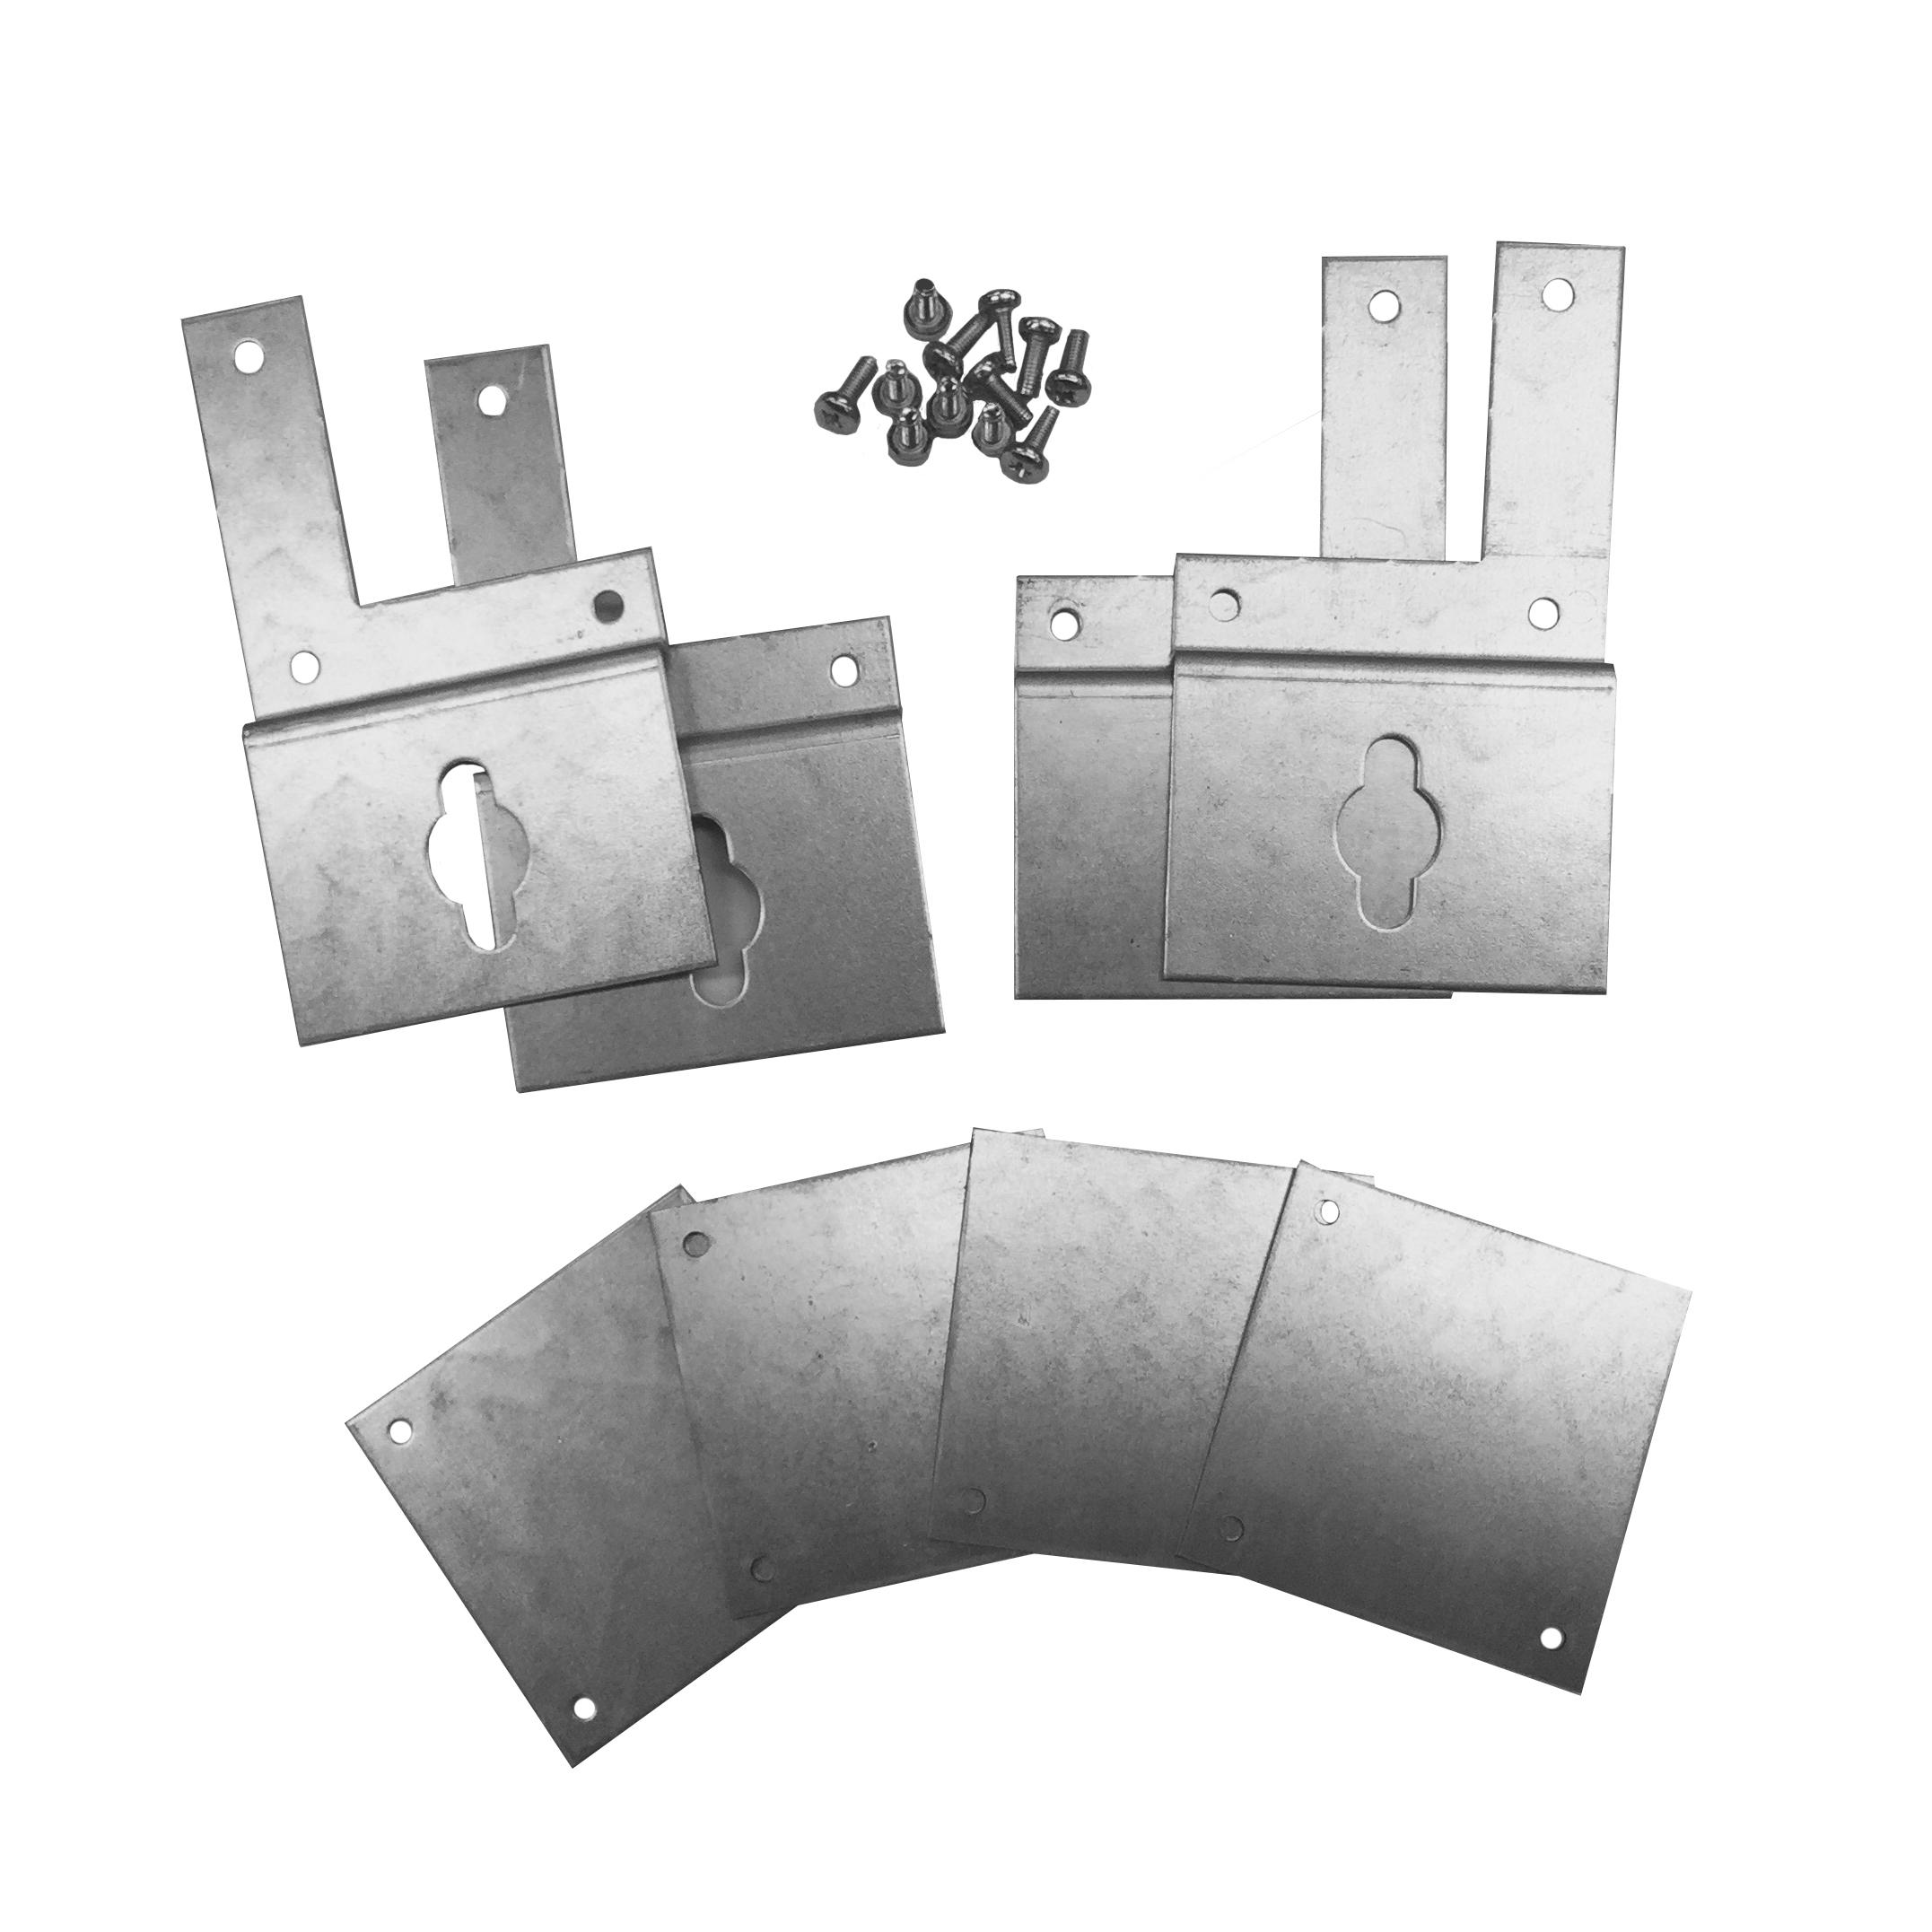 1 Stk Wandbefestigungslaschen-Set für alle AP-Modul 2000 IL900020-F